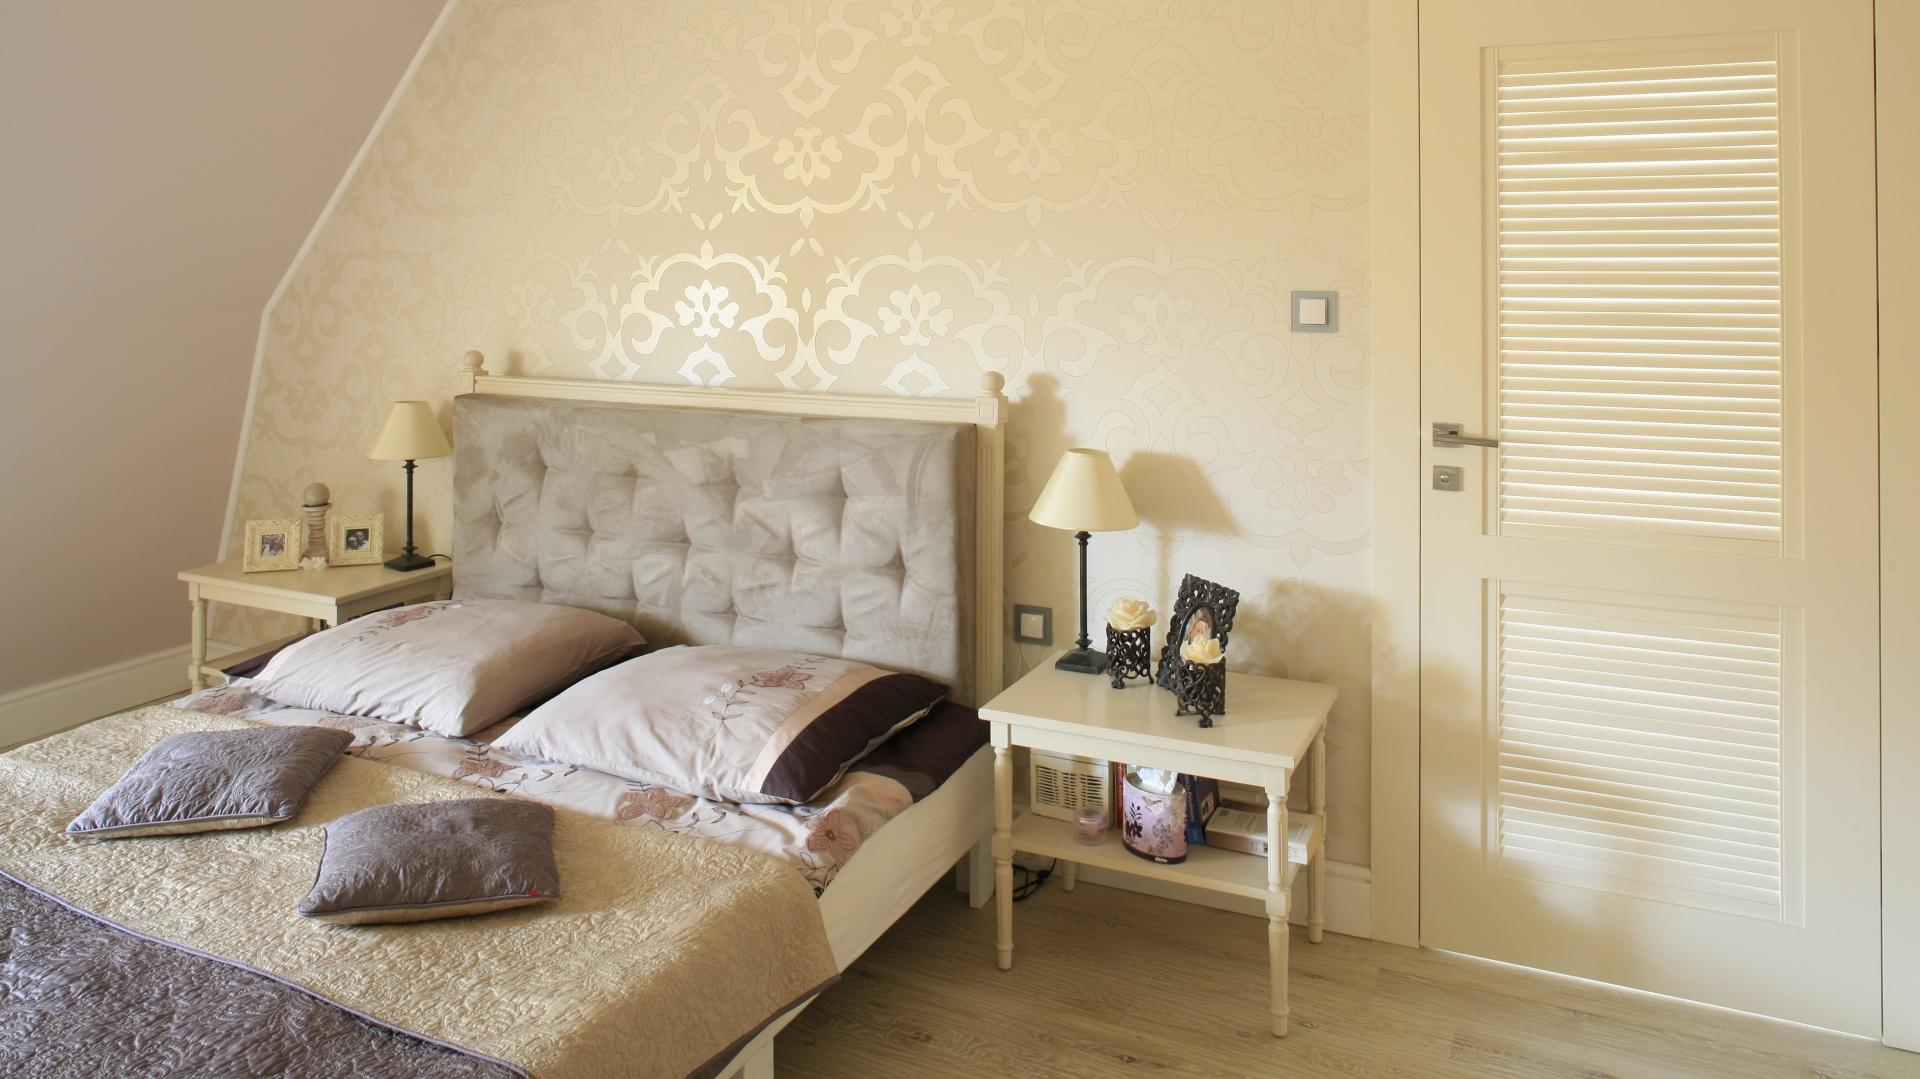 Tapeta z bardzo delikatnym wzorem dodaje uroku sypialni utrzymanej w stylu glamour. Proj.Karolina Łuczyńska. Fot.Bartosz Jarosz.